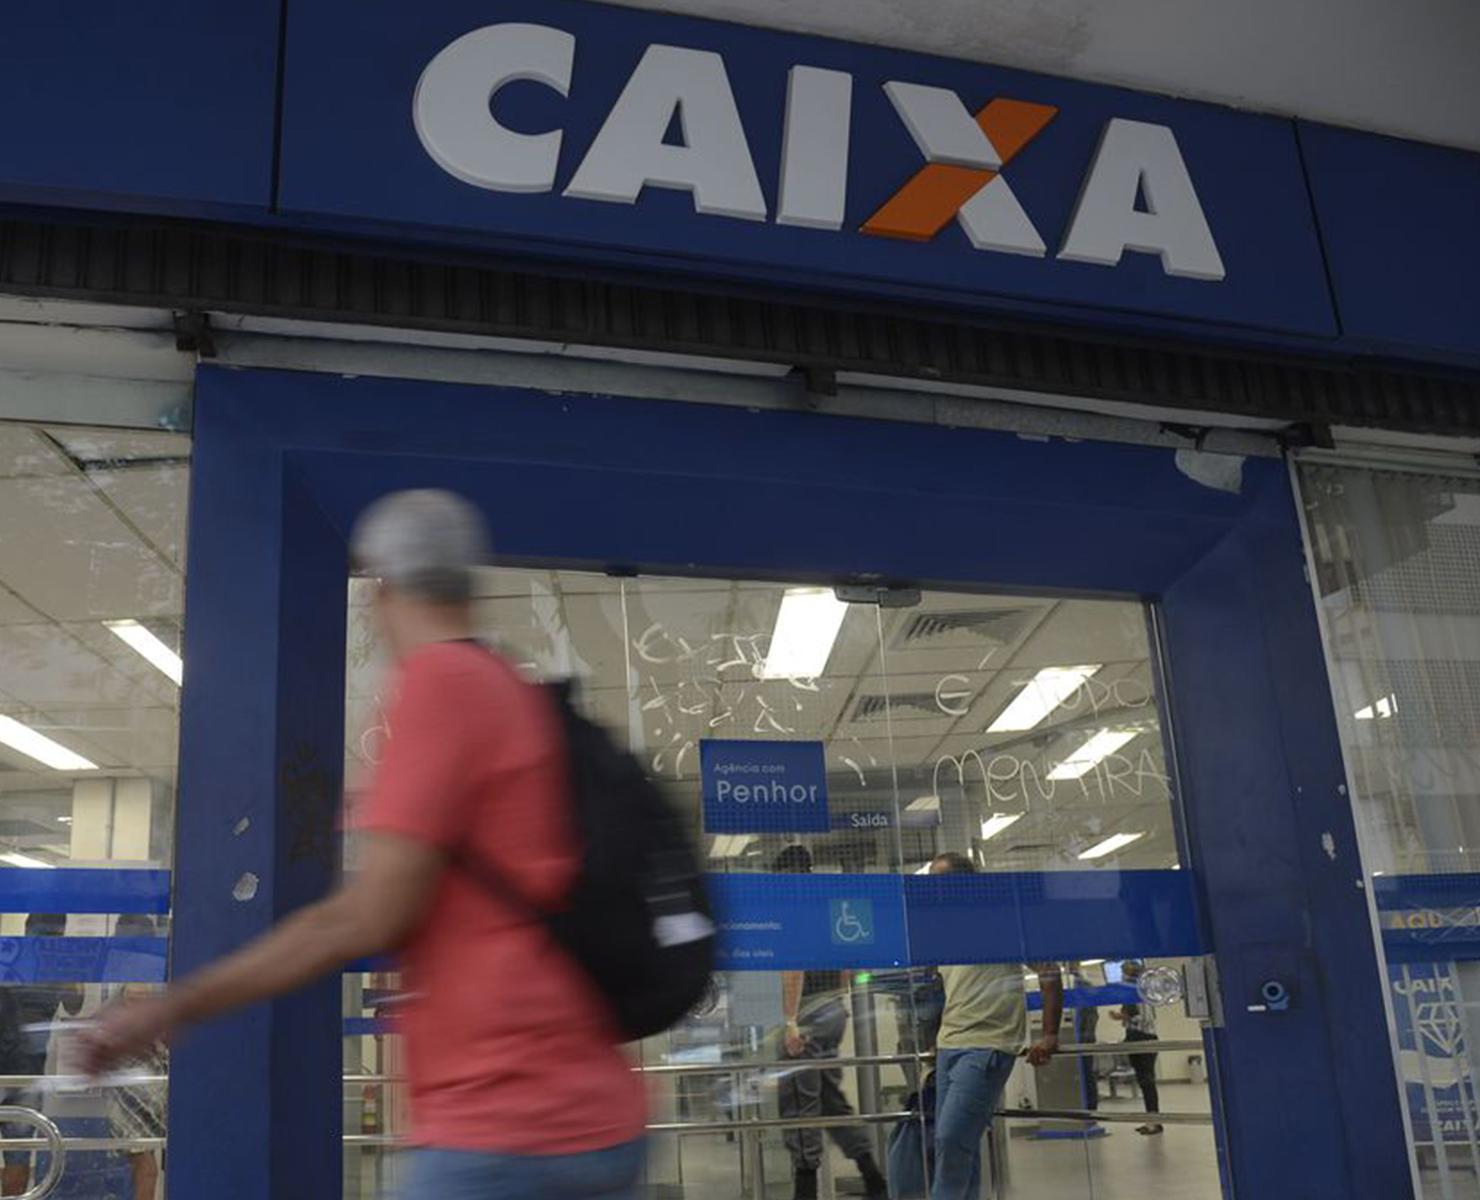 FGTS: CAIXA ANTECIPA SAQUE IMEDIATO